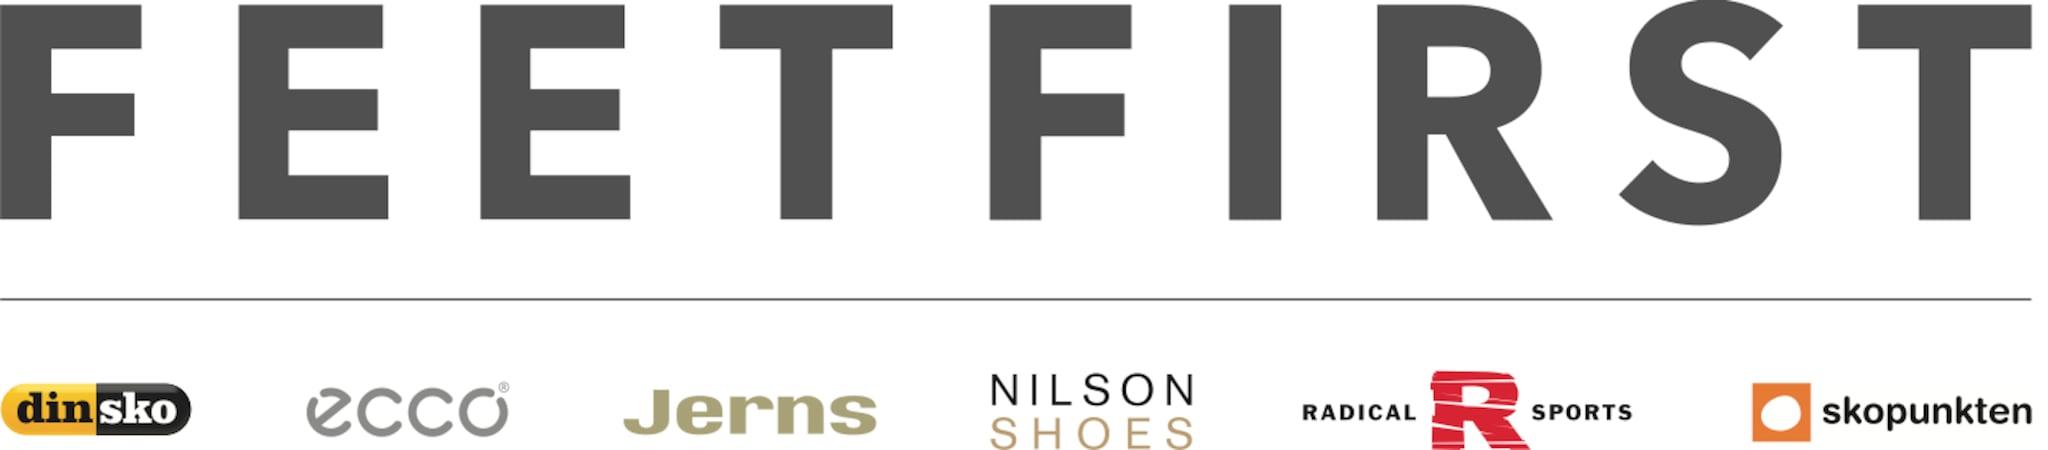 feetfirst logo